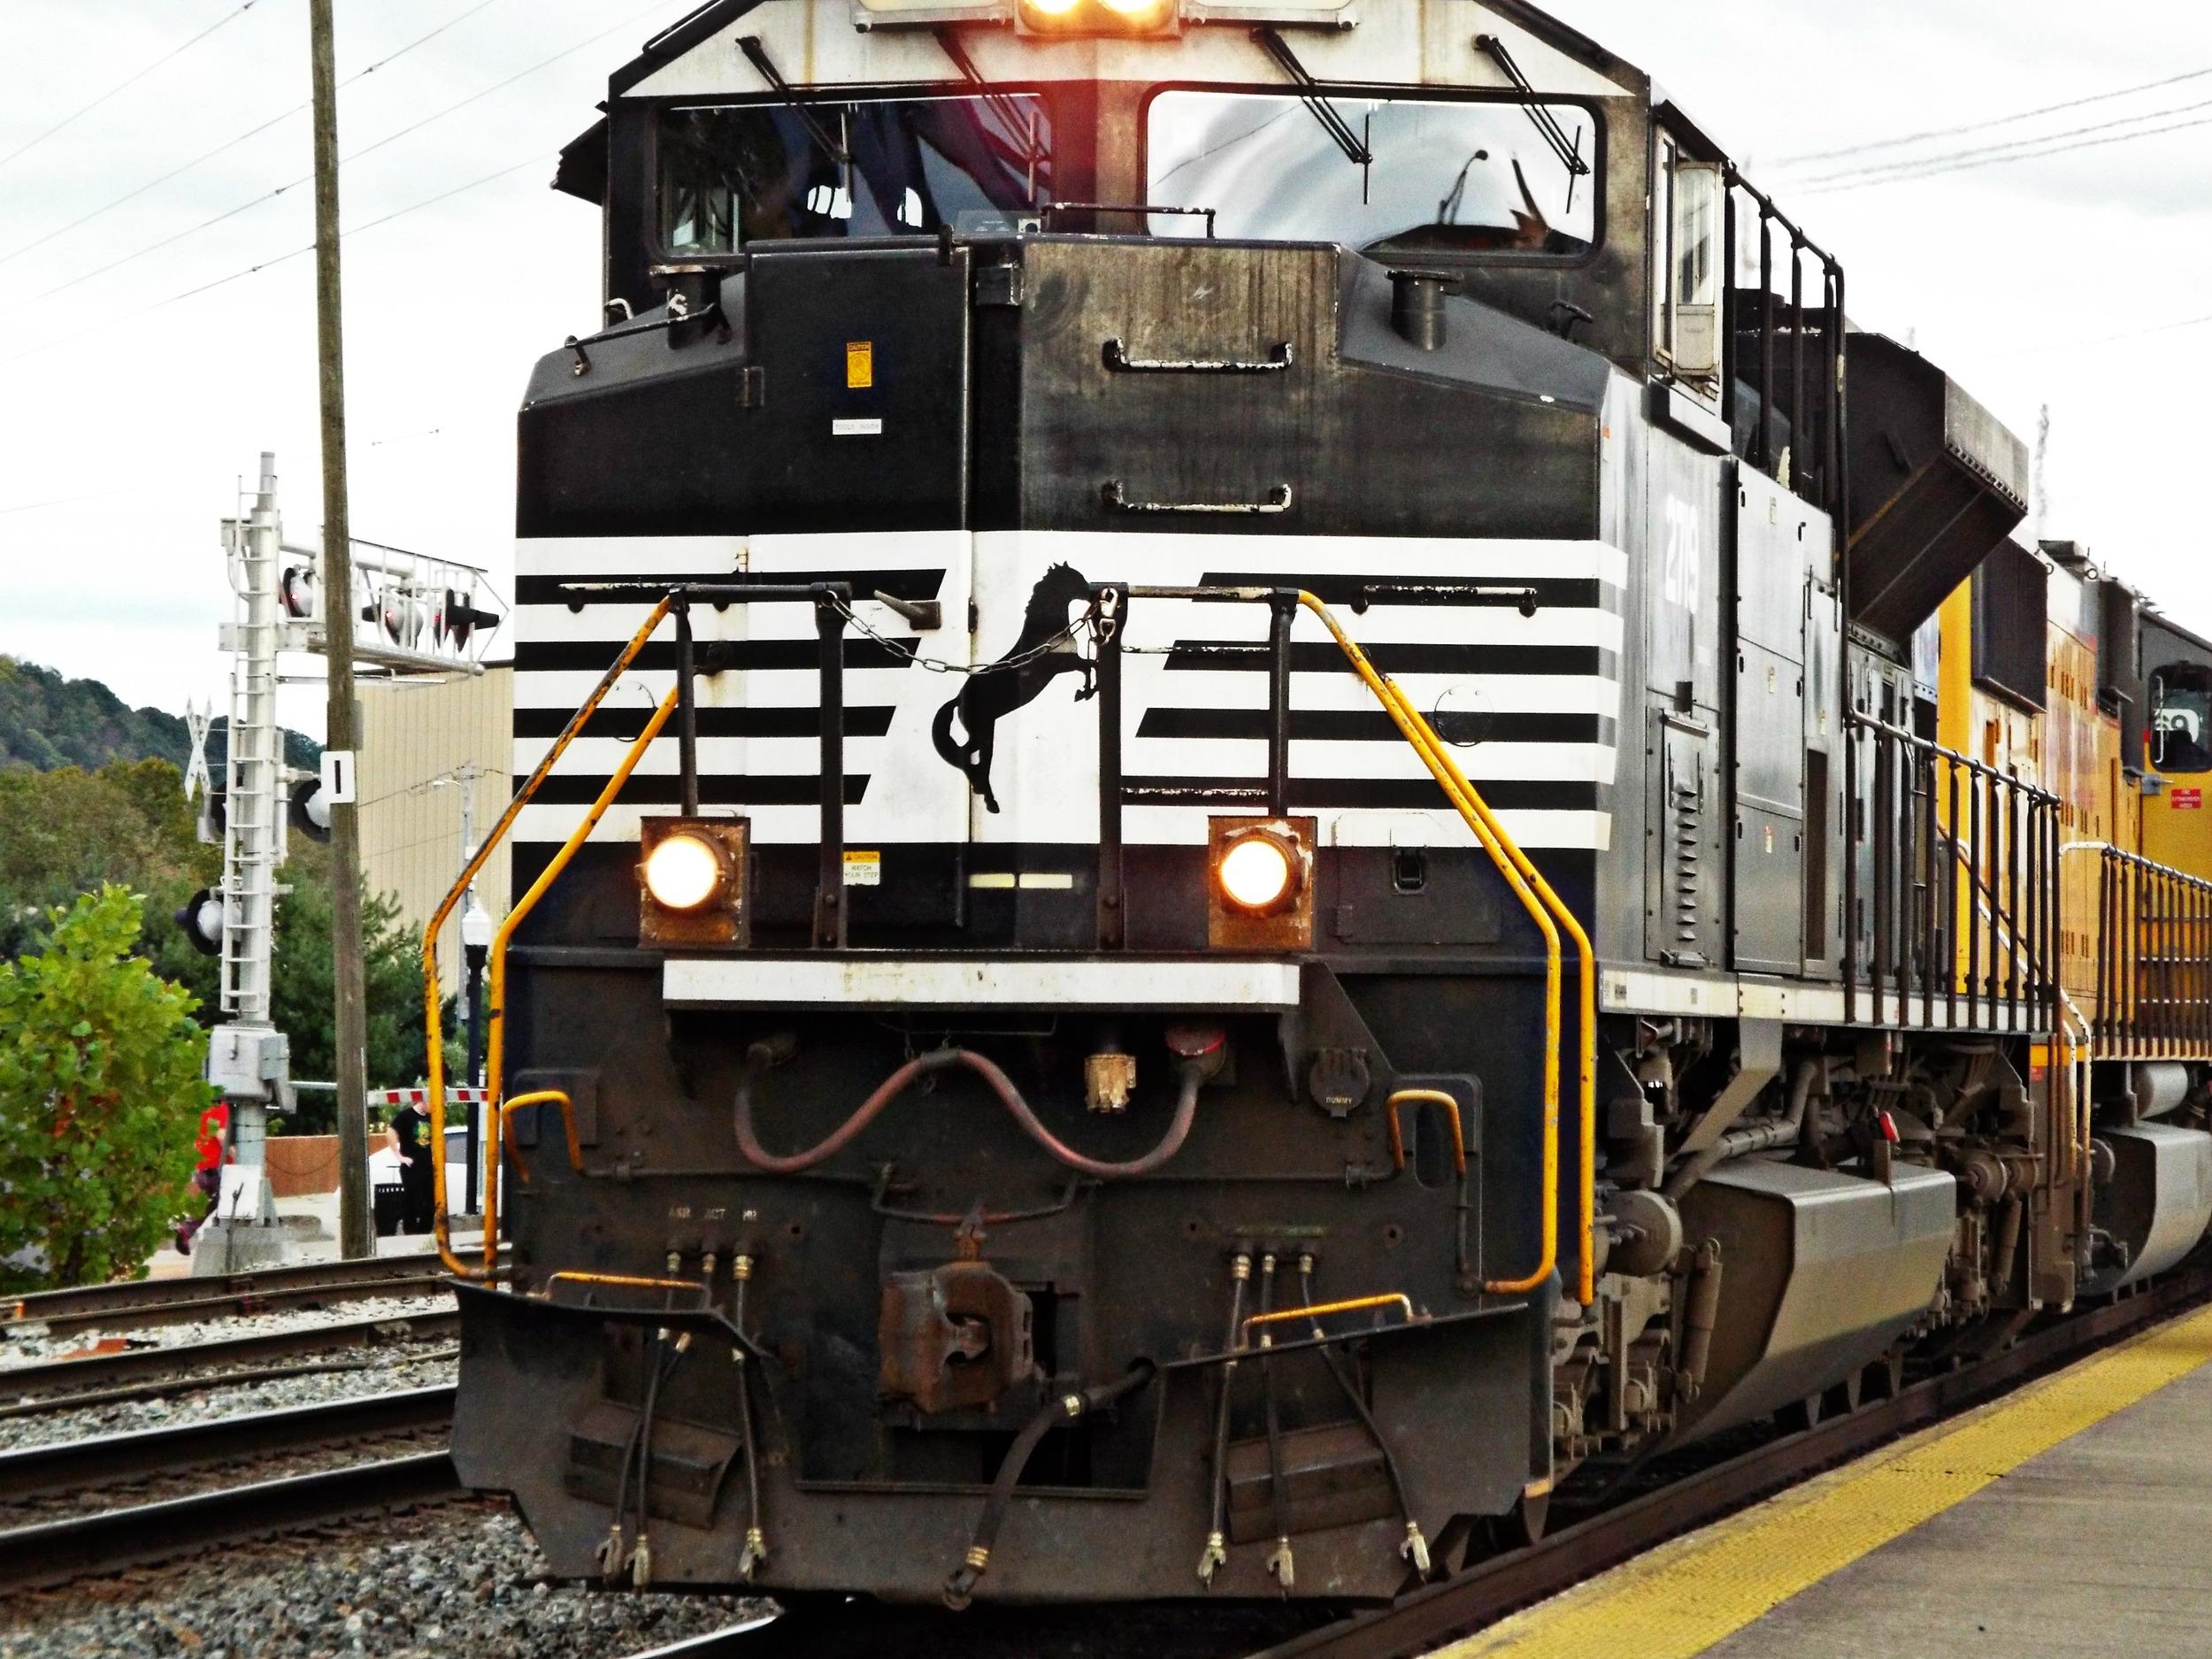 DSCF6595.jpg